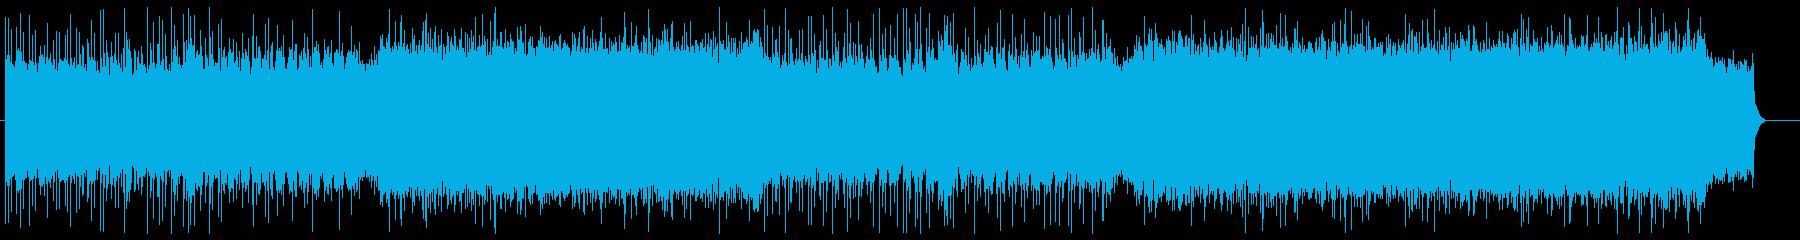 疾走感 物語を盛り上るハイブリッドロックの再生済みの波形